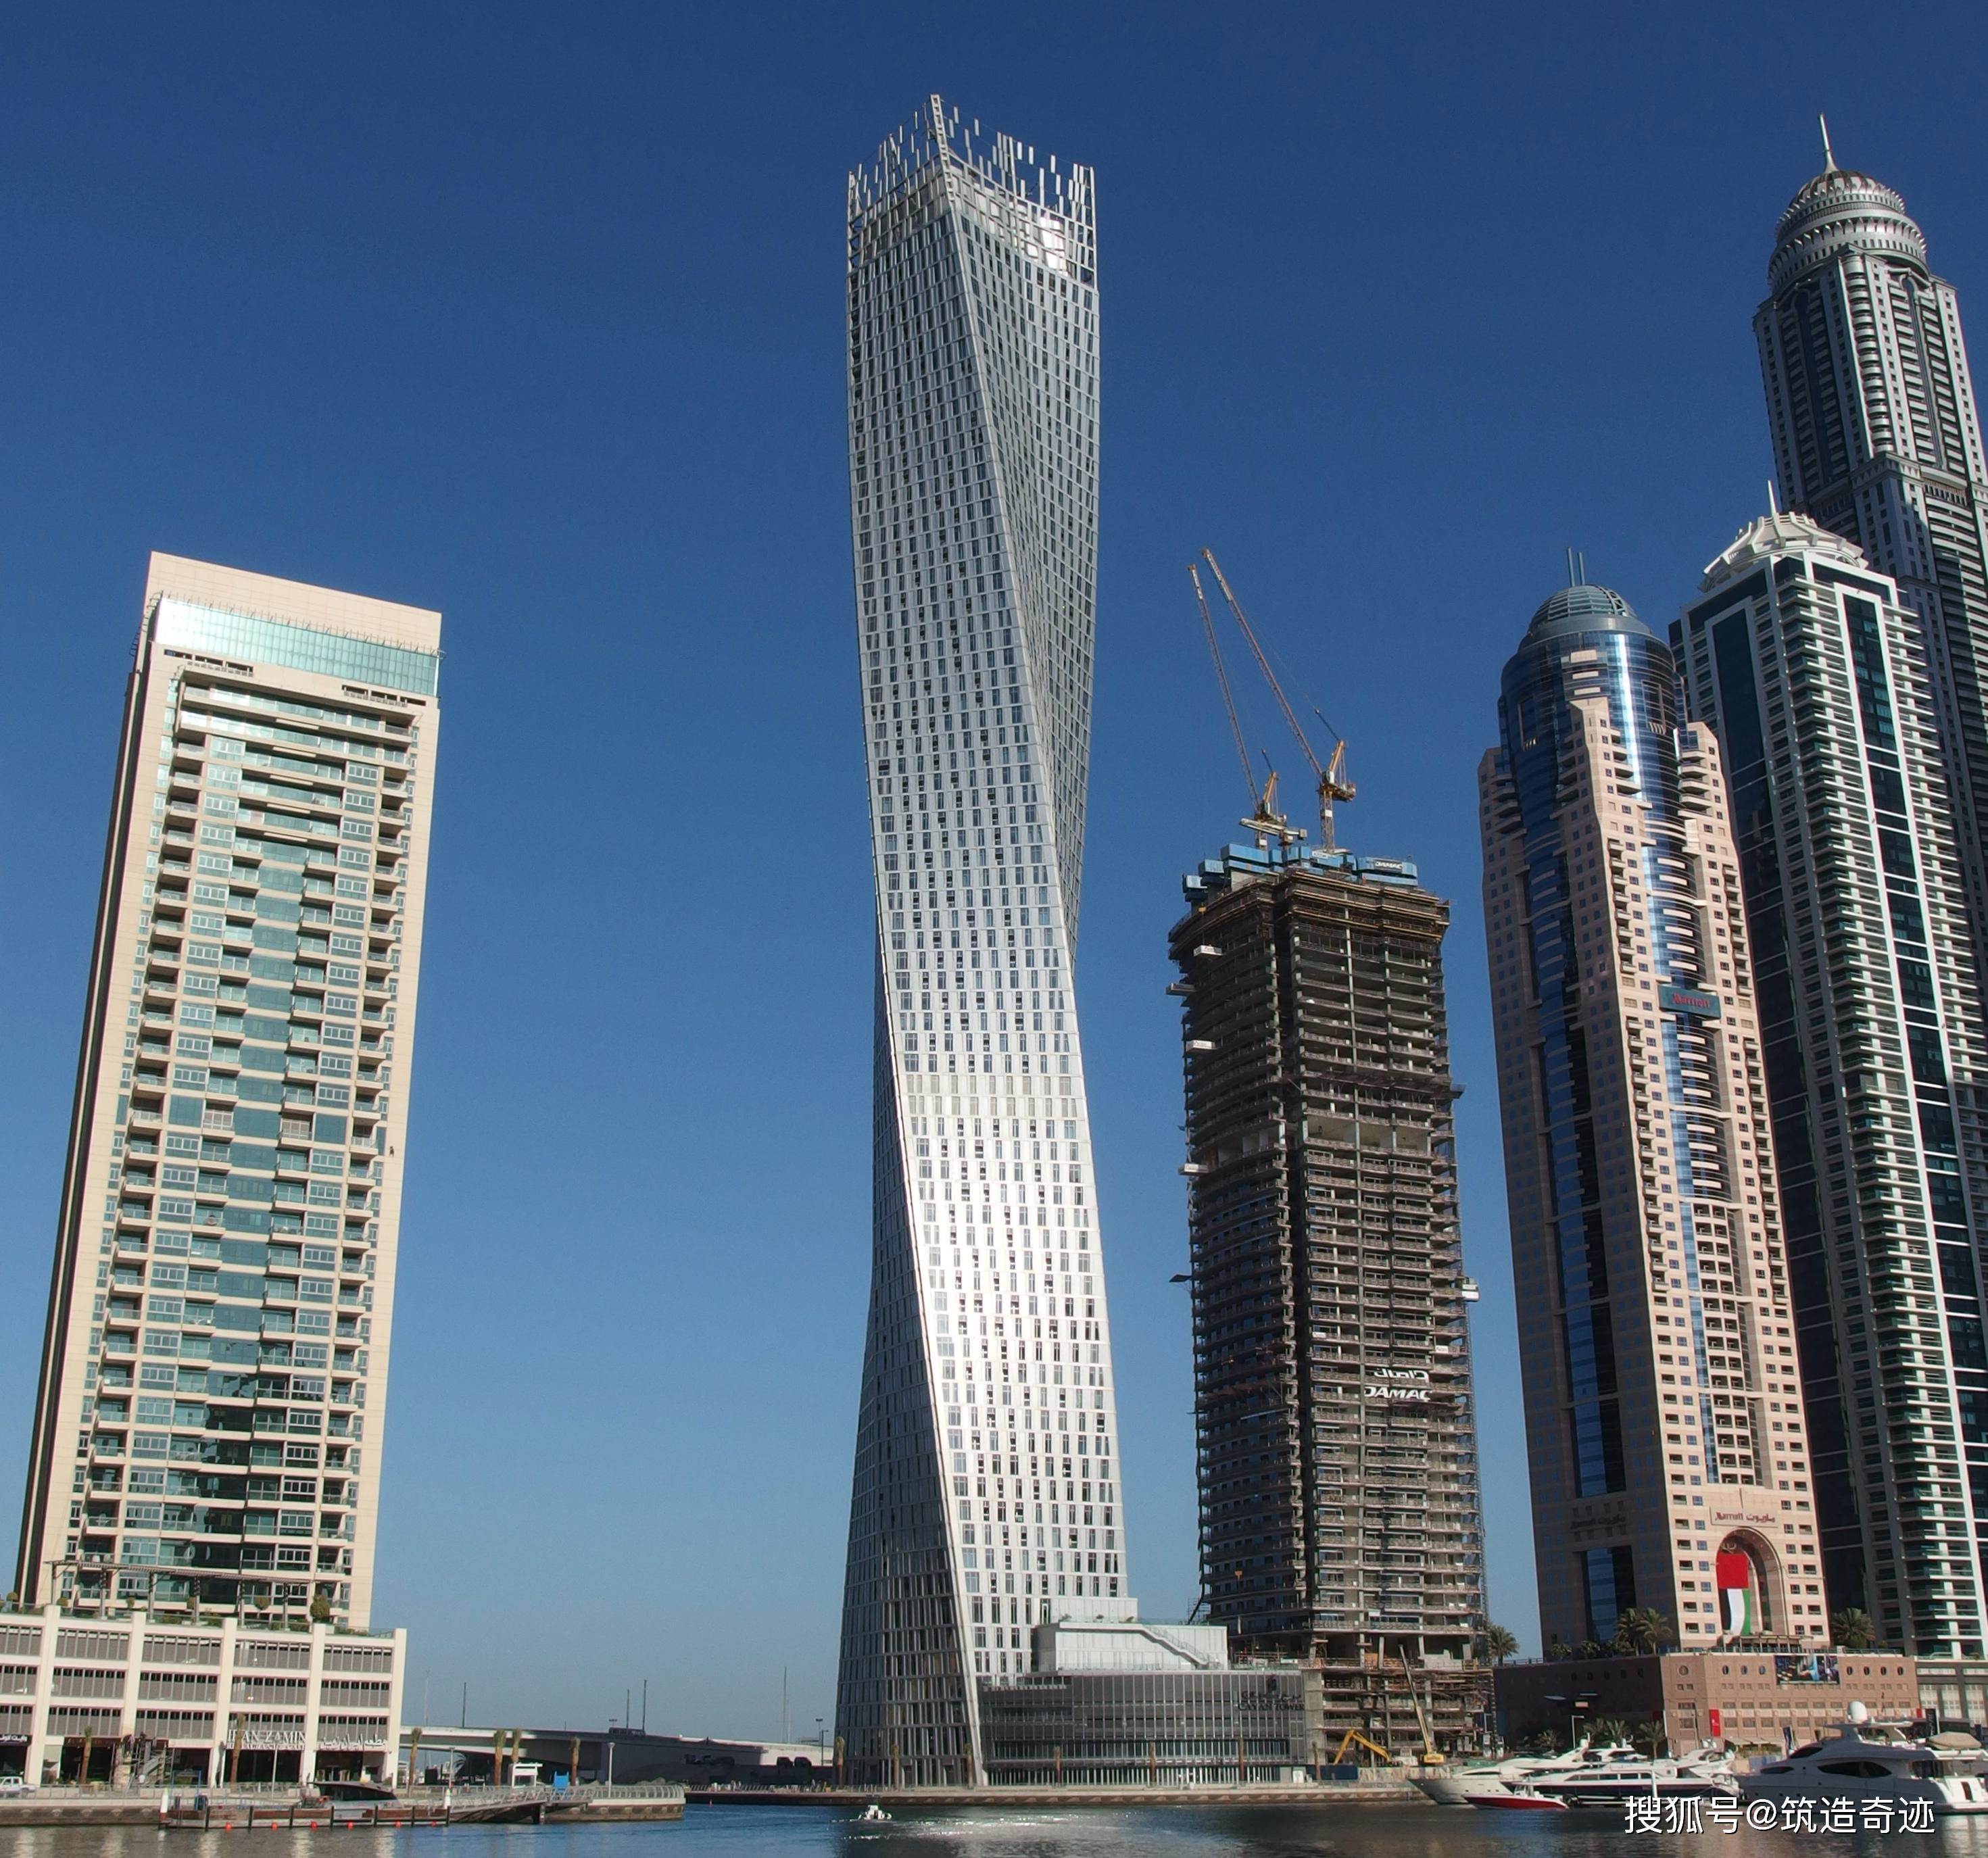 对迪拜建筑达芬奇塔的赏析_word文档在线阅读与下载_无忧文档